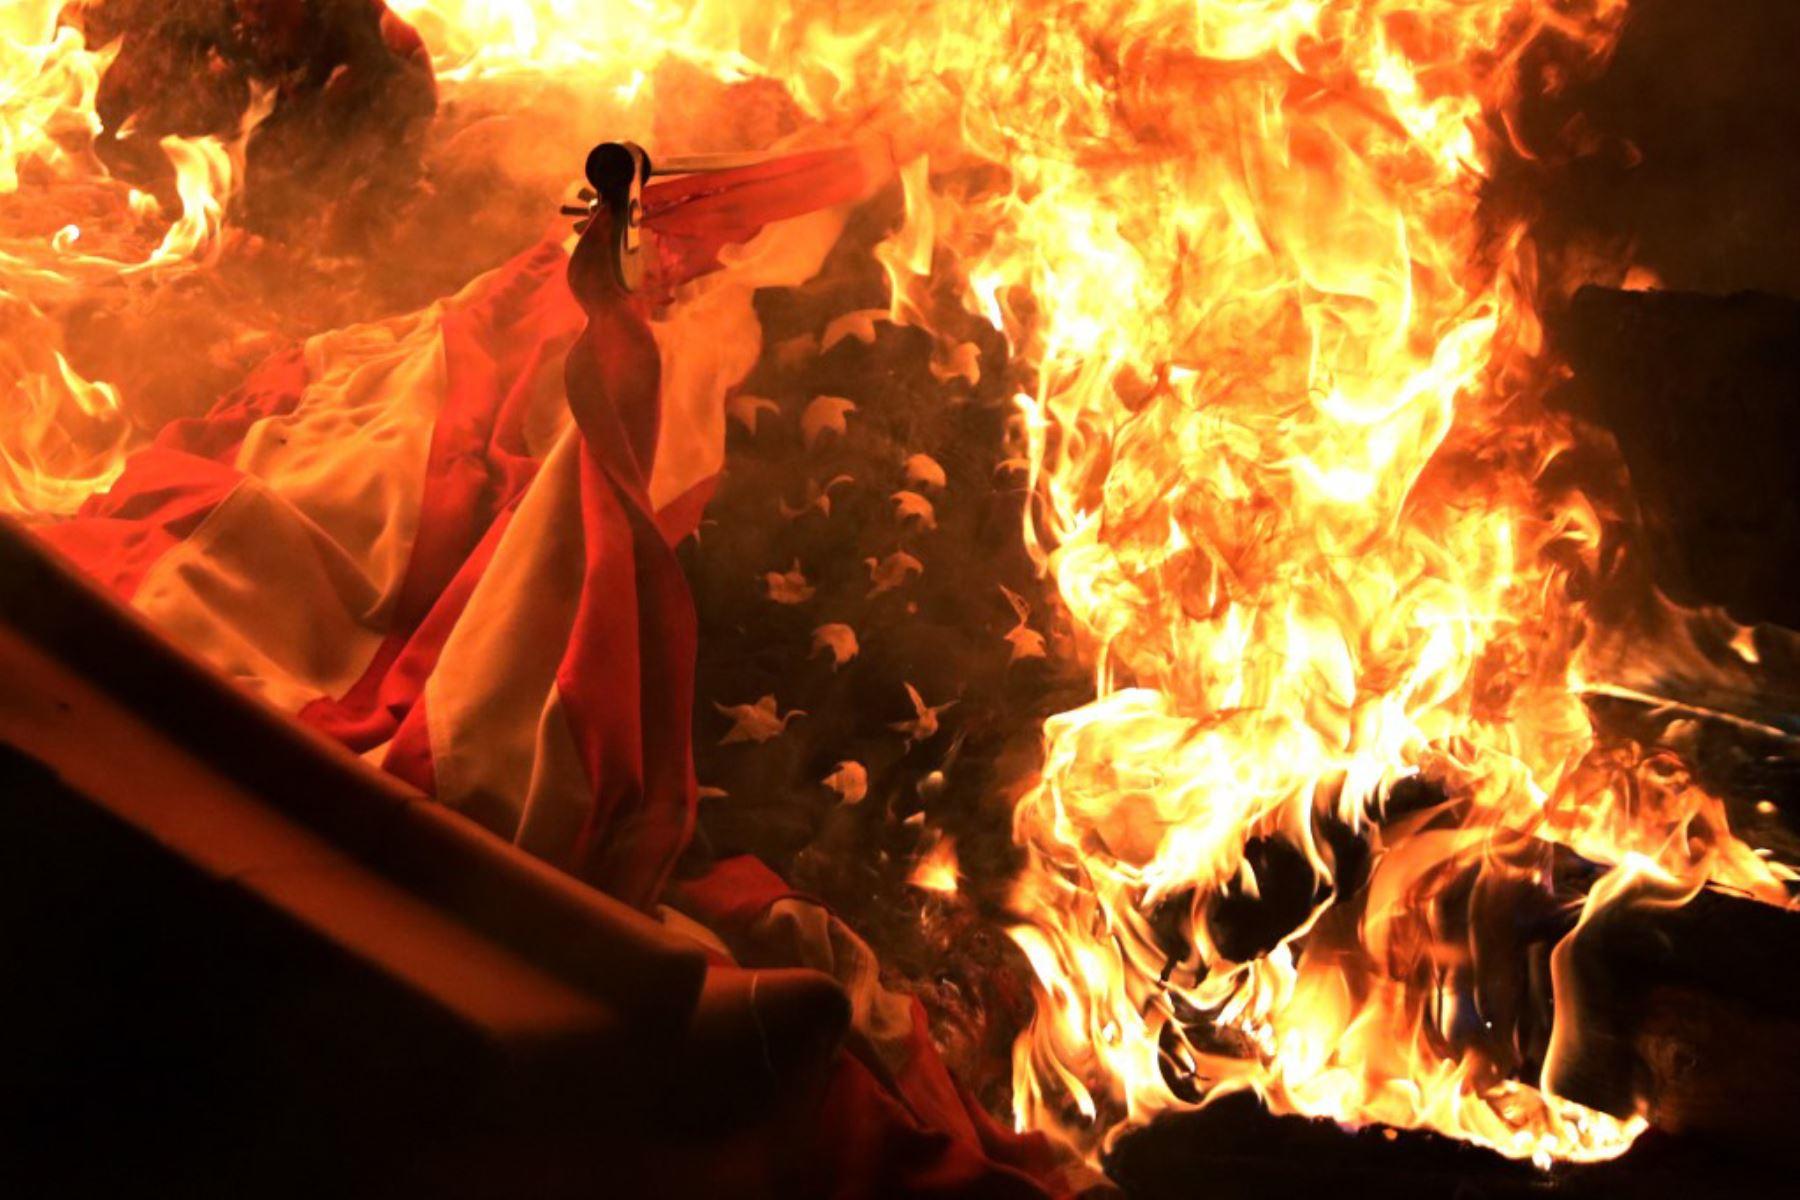 Una bandera estadounidense se quema durante una protesta cerca de la Casa Blanca en respuesta al asesinato de George Floyd. El ex oficial de policía de Minneapolis, Derek Chauvin, fue despedido y luego arrestado por la muerte de Floyd y acusado de matar a Floyd arrodillándose sobre su cuello. Foto: AFP